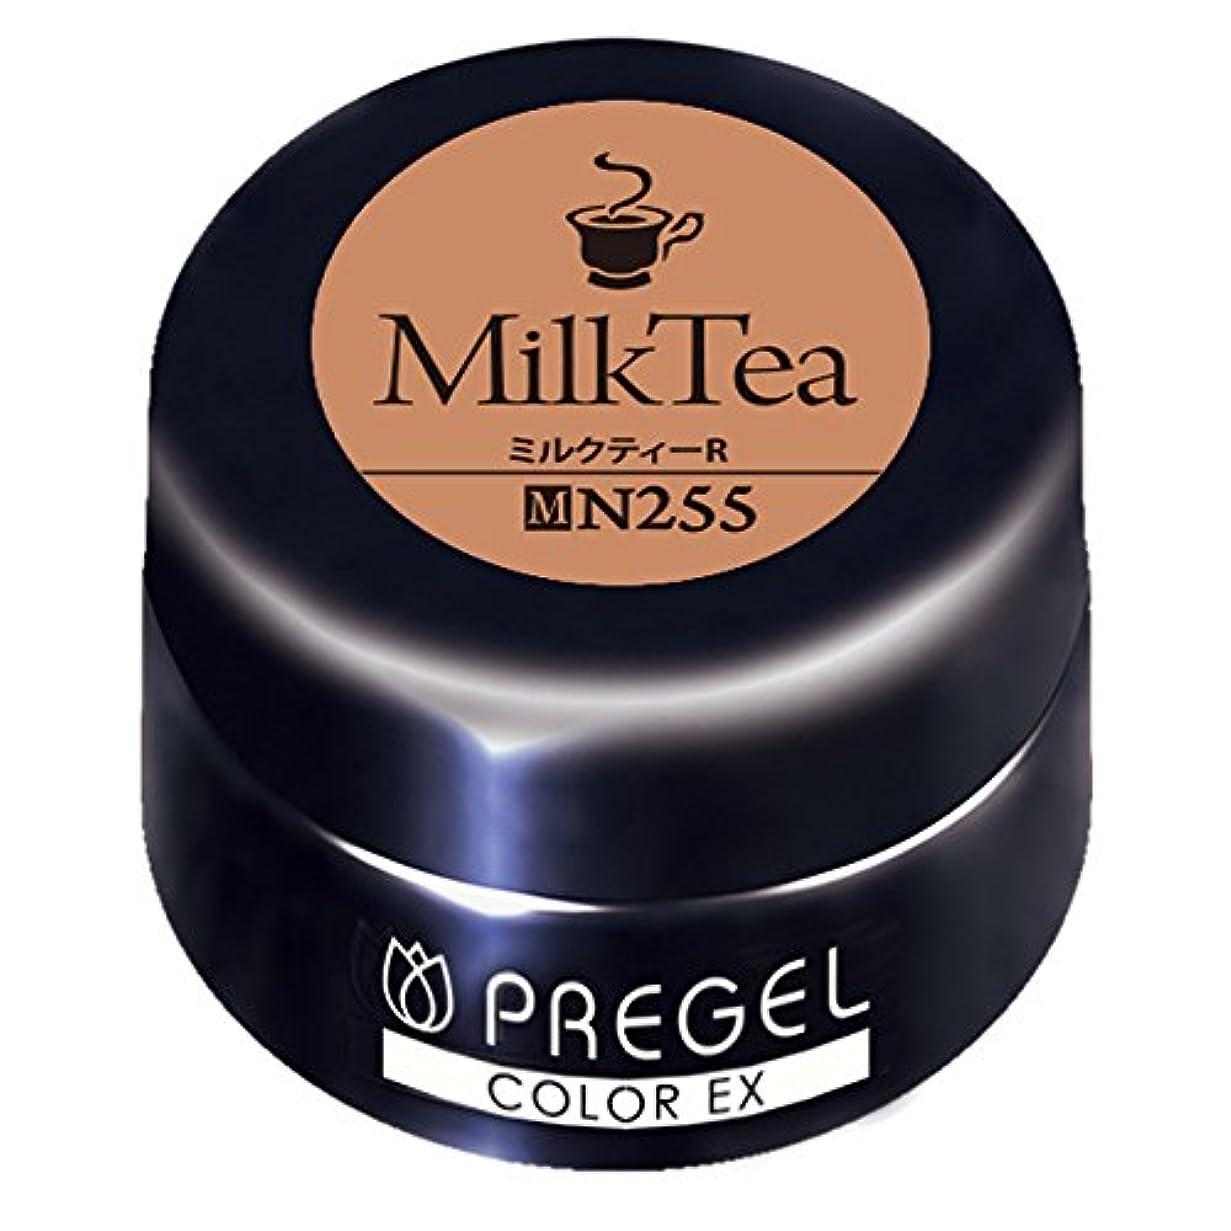 包帯確かめる困惑PRE GEL カラージェル カラーEX ミルクティー R255 3g UV/LED対応タイオウ